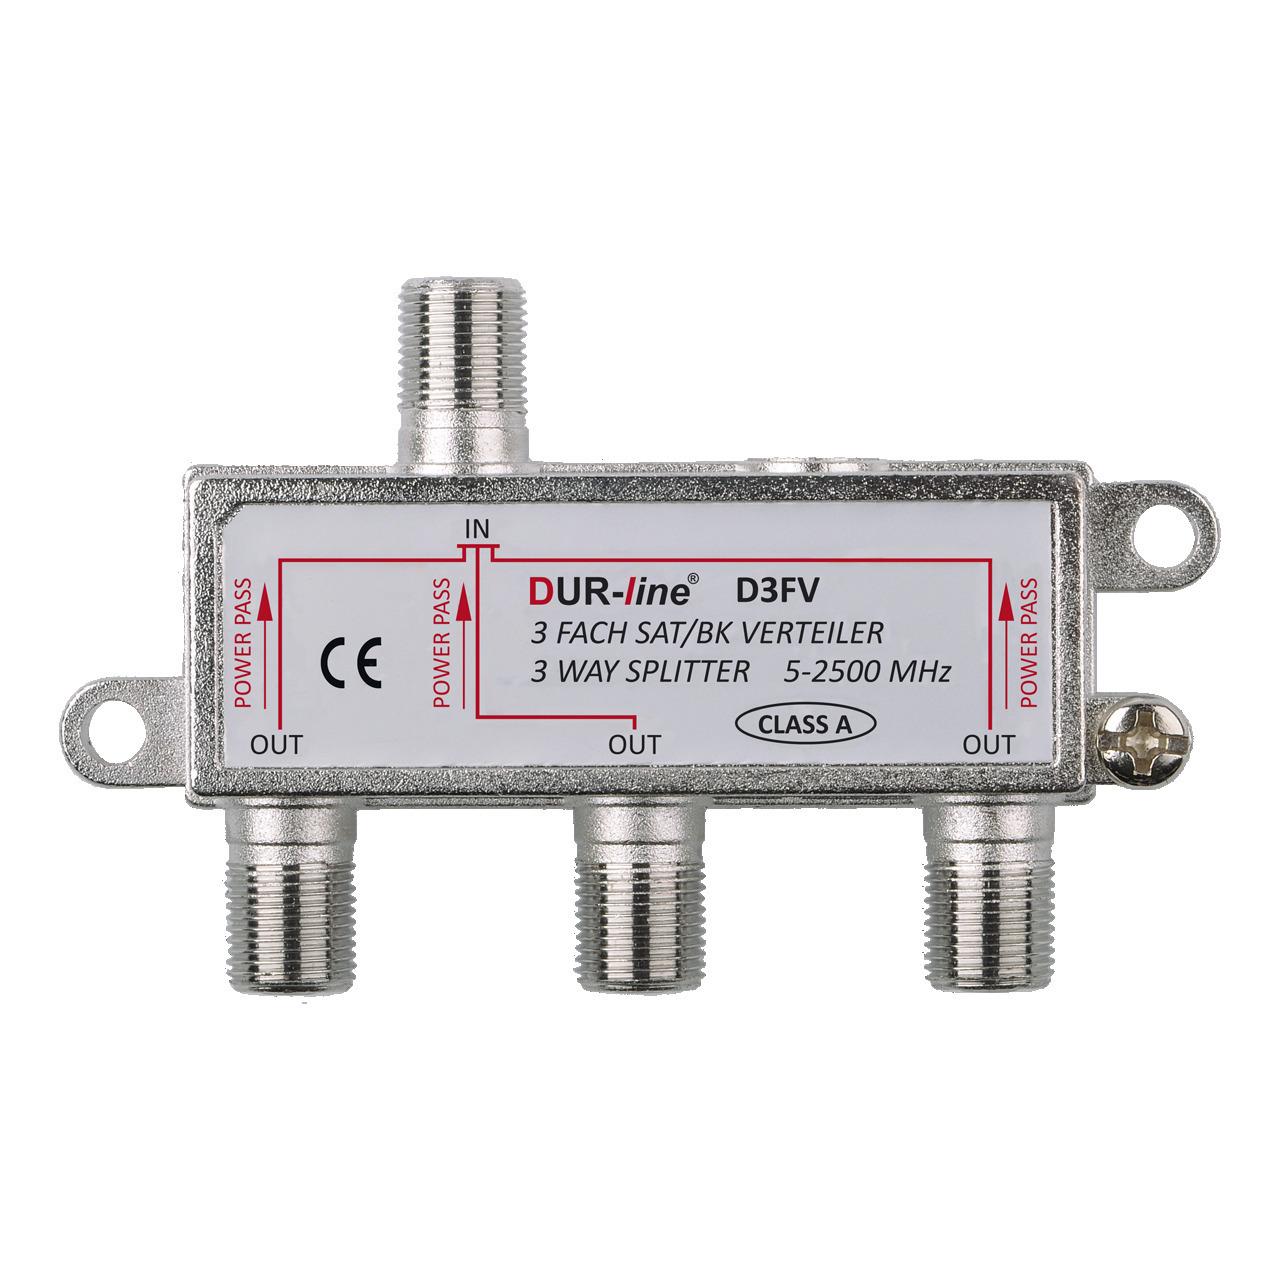 DUR-line 3-fach Sat-Verteiler D3FV- für Sat- und Multimedia-Anwendungen- Schirmungsmass 100 dB